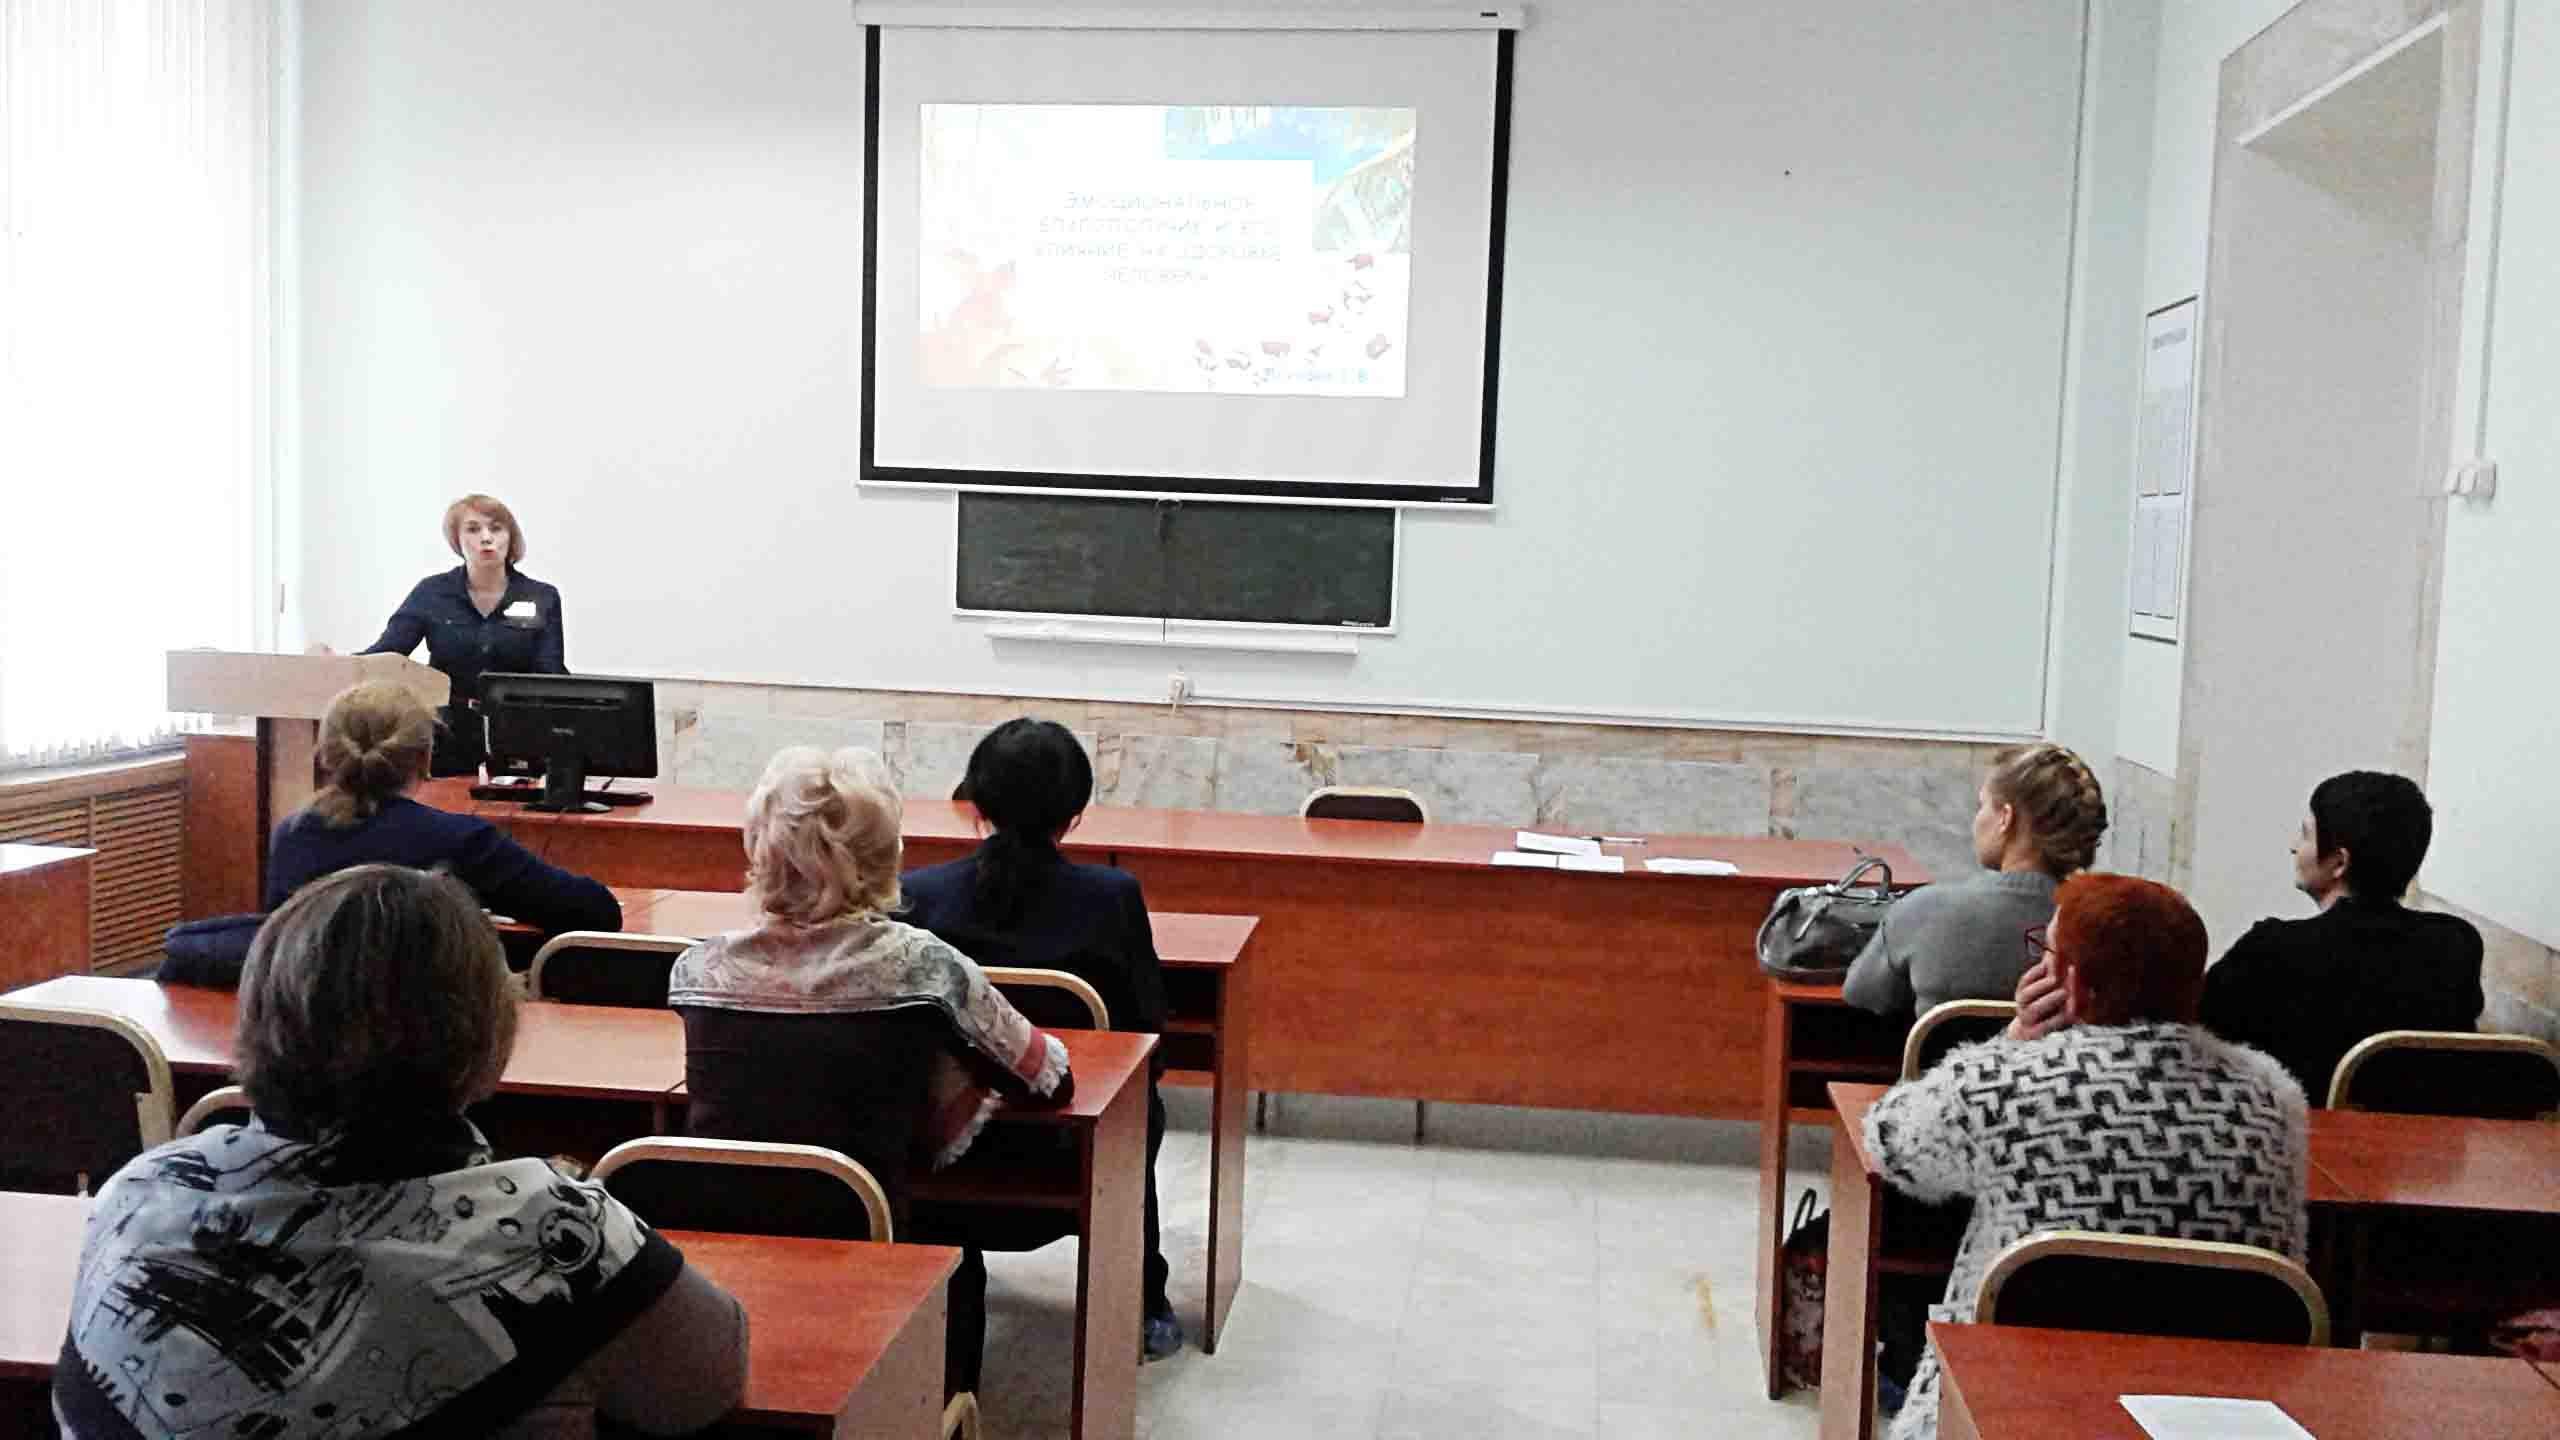 14 октября 2019 года состоялся семинар по теме «Эмоциональное благополучие и его влияние на здоровье человека». Преподаватель Плехова Е.В. Обучено 11 специалистов.